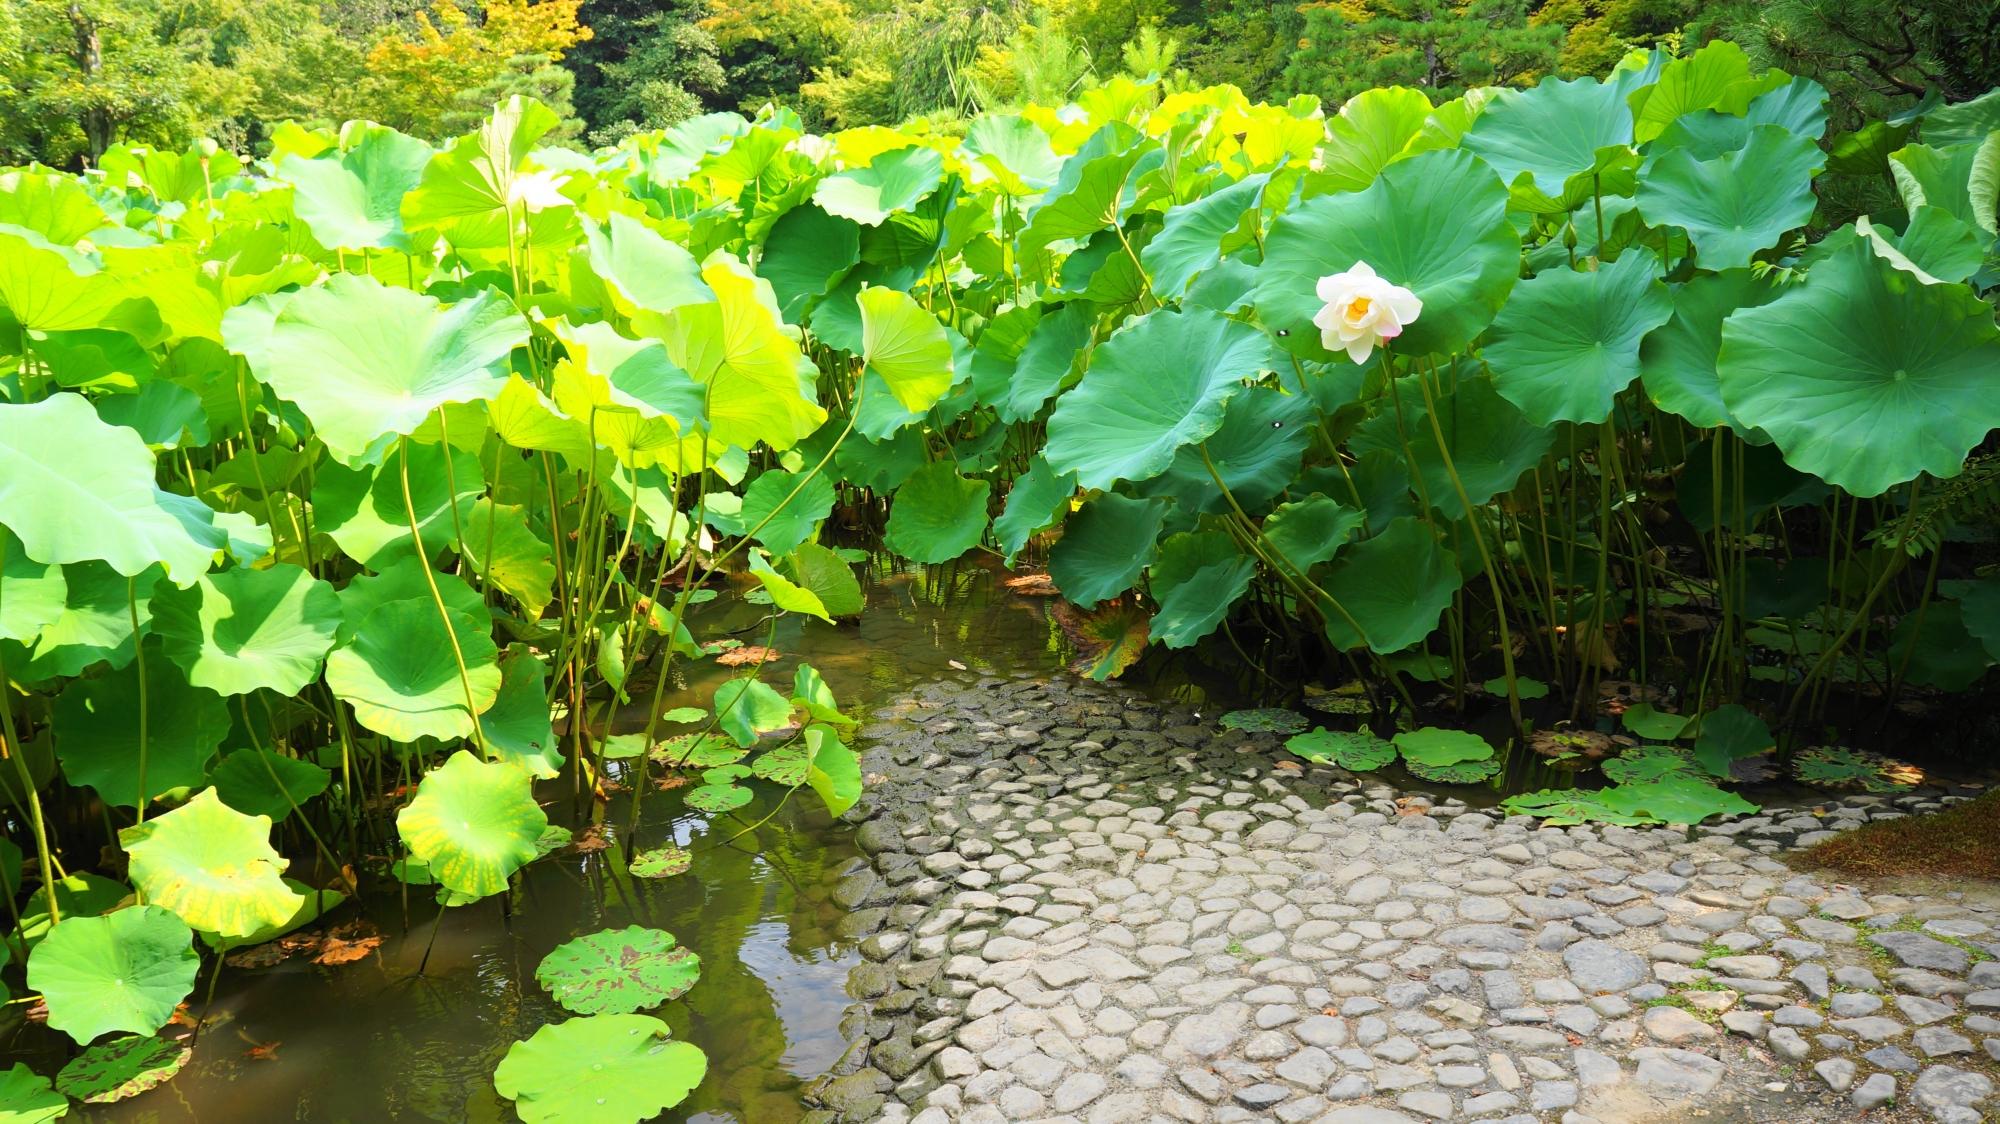 蓮の花が見ごろをむかえた法金剛院の庭園の苑池や蓮鉢